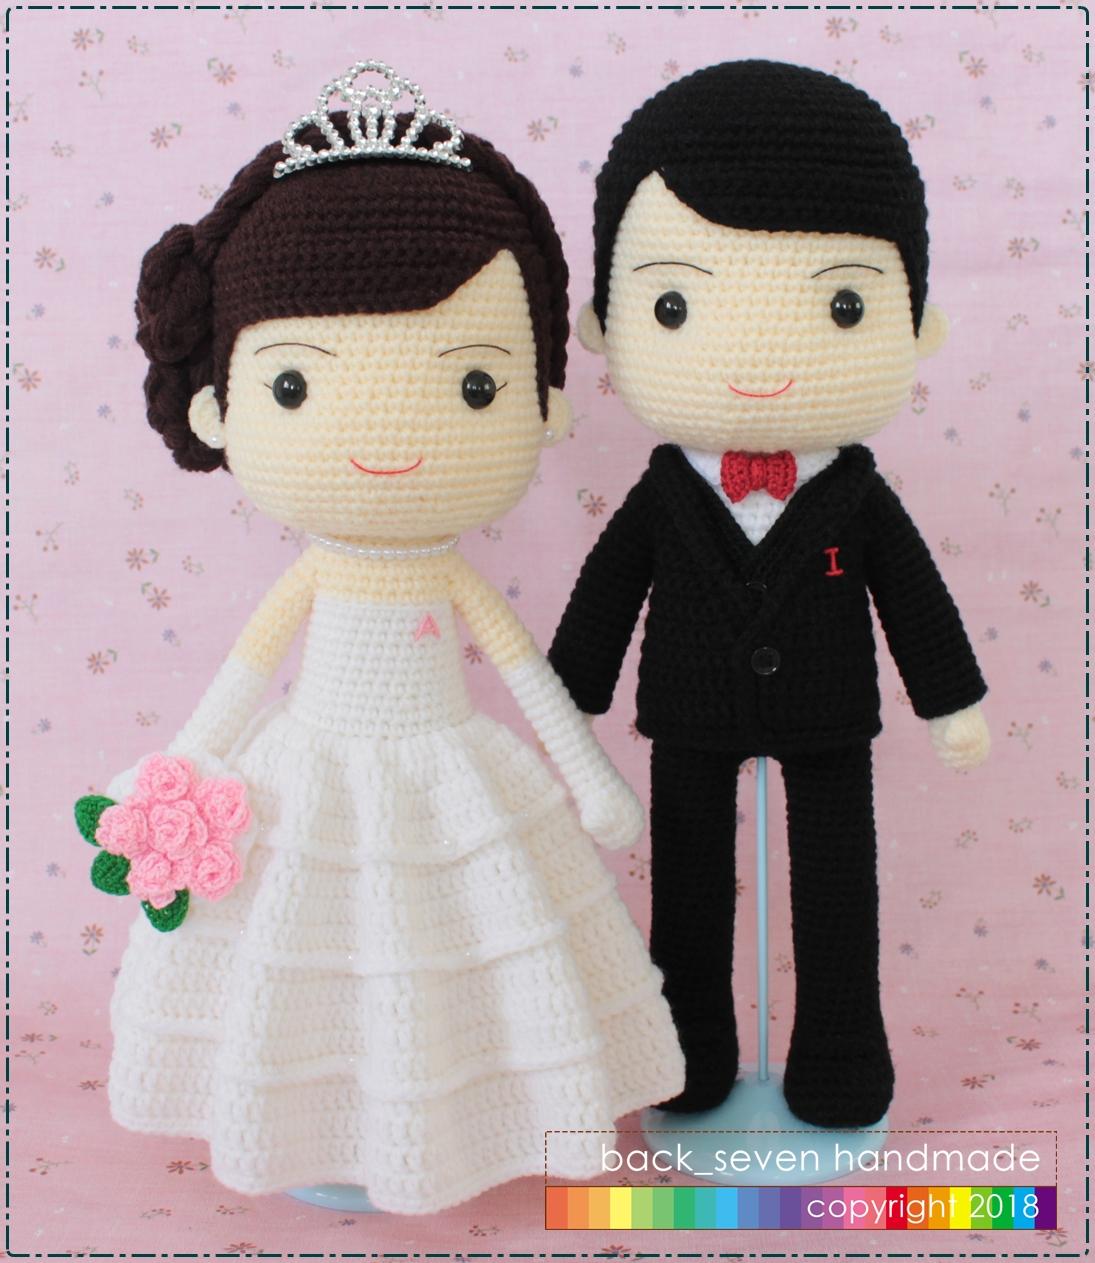 ตุ๊กตาถักคู่แต่งงานชุดสากล ระบาย 3 ชั้น